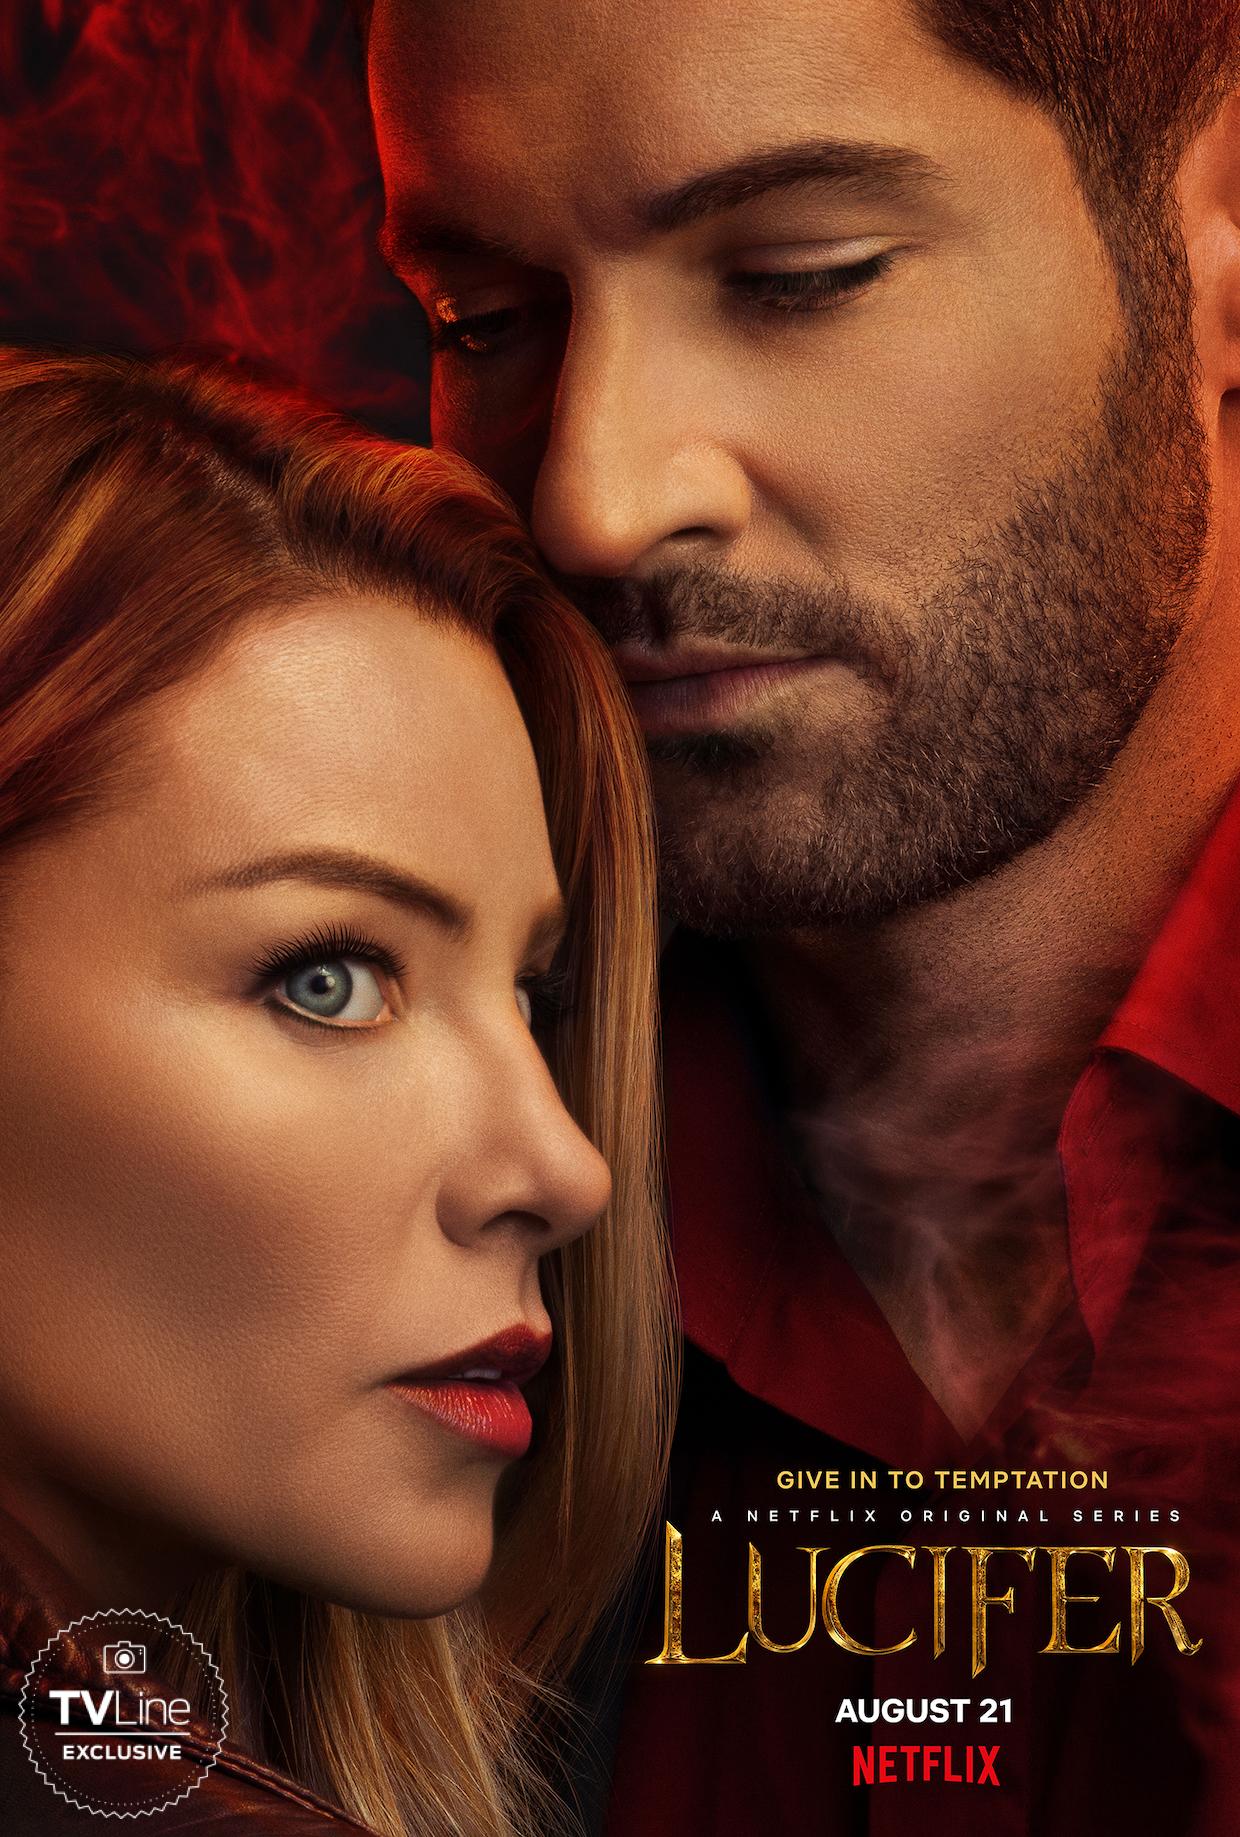 Lucifer Saison 1 Streaming : lucifer, saison, streaming, Lucifer', Season, Poster, Teases, (Last?), Temptation, Chloe, TVLine